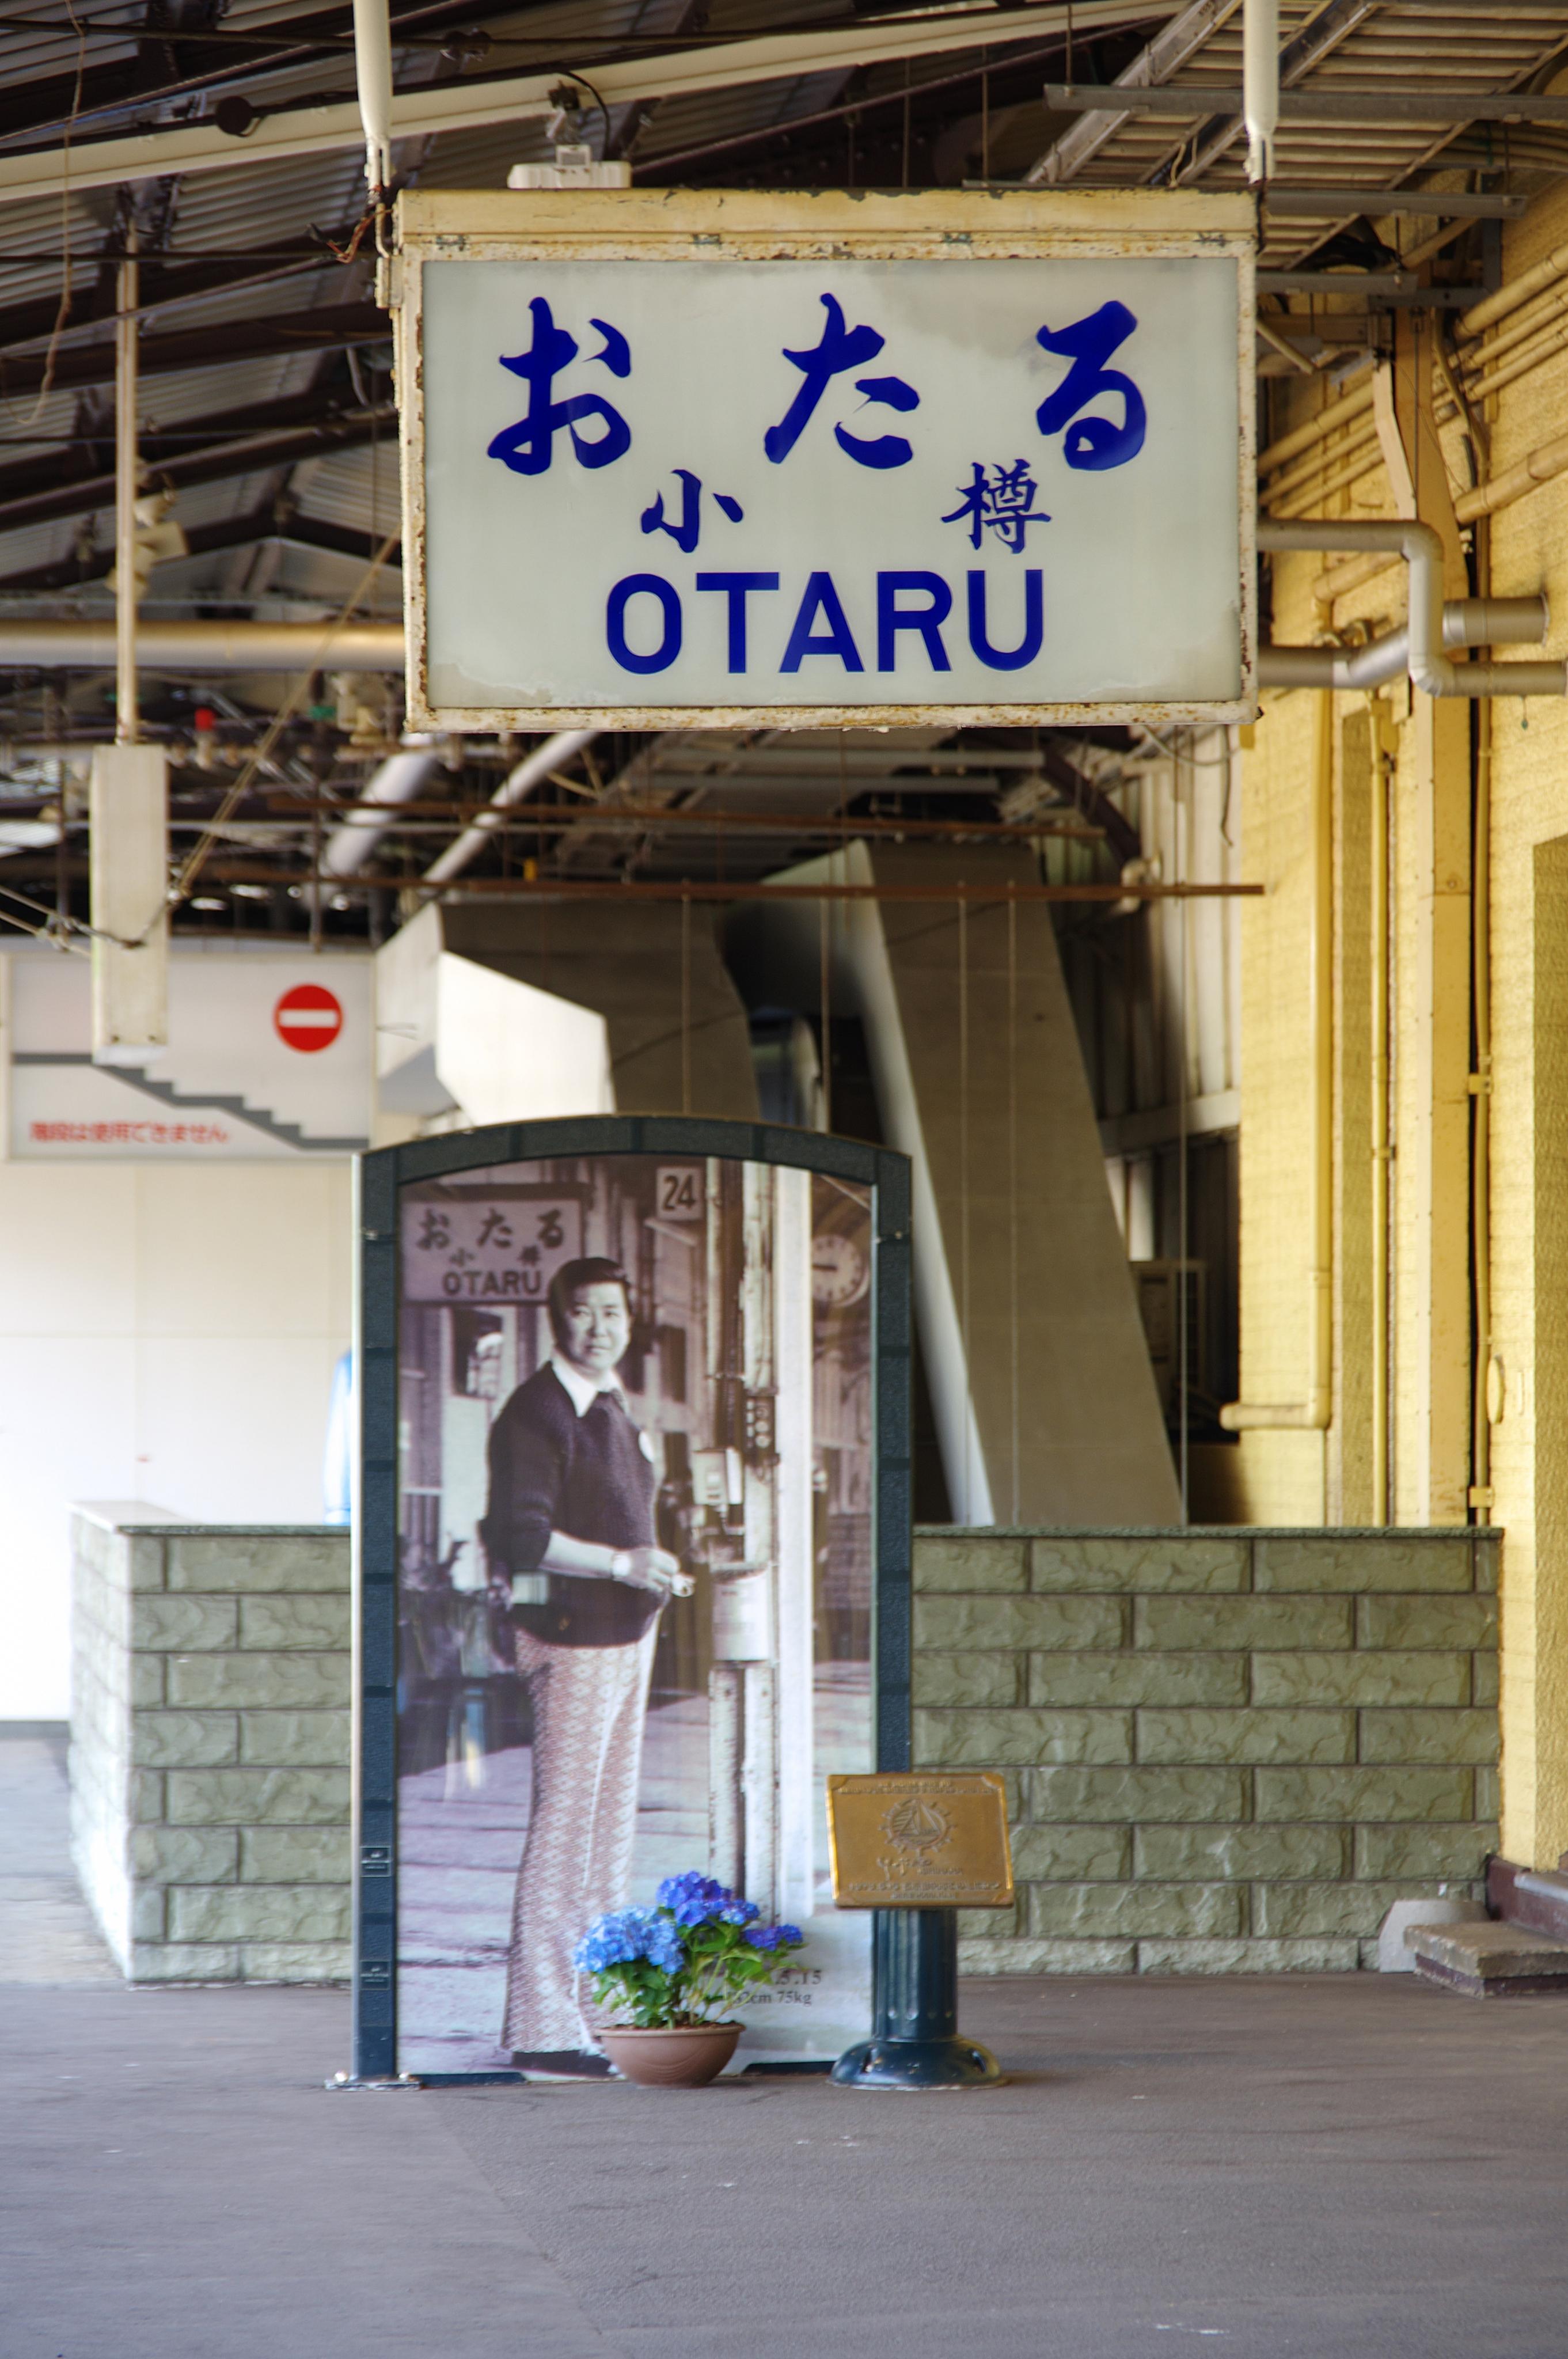 小樽駅開駅115周年イベント 裕次郎ホーム_180715.jpg